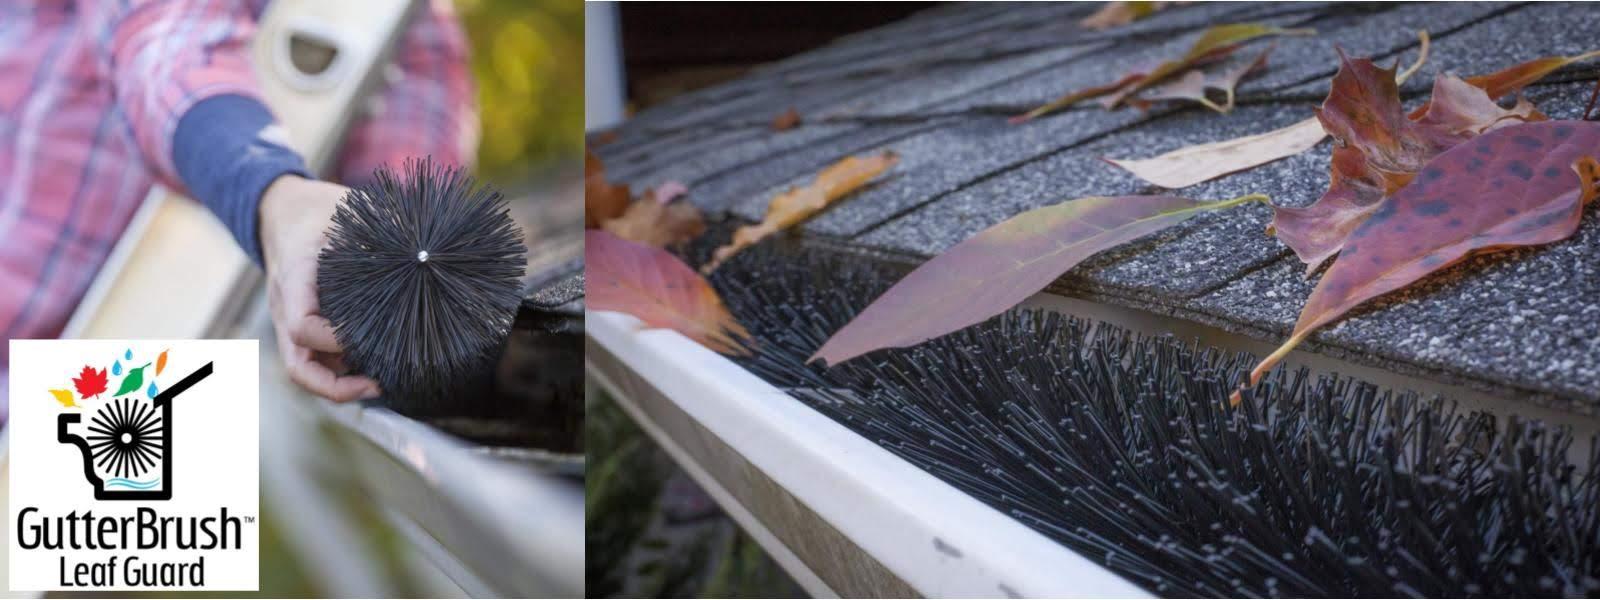 GutterBrush Leaf Guard Installed